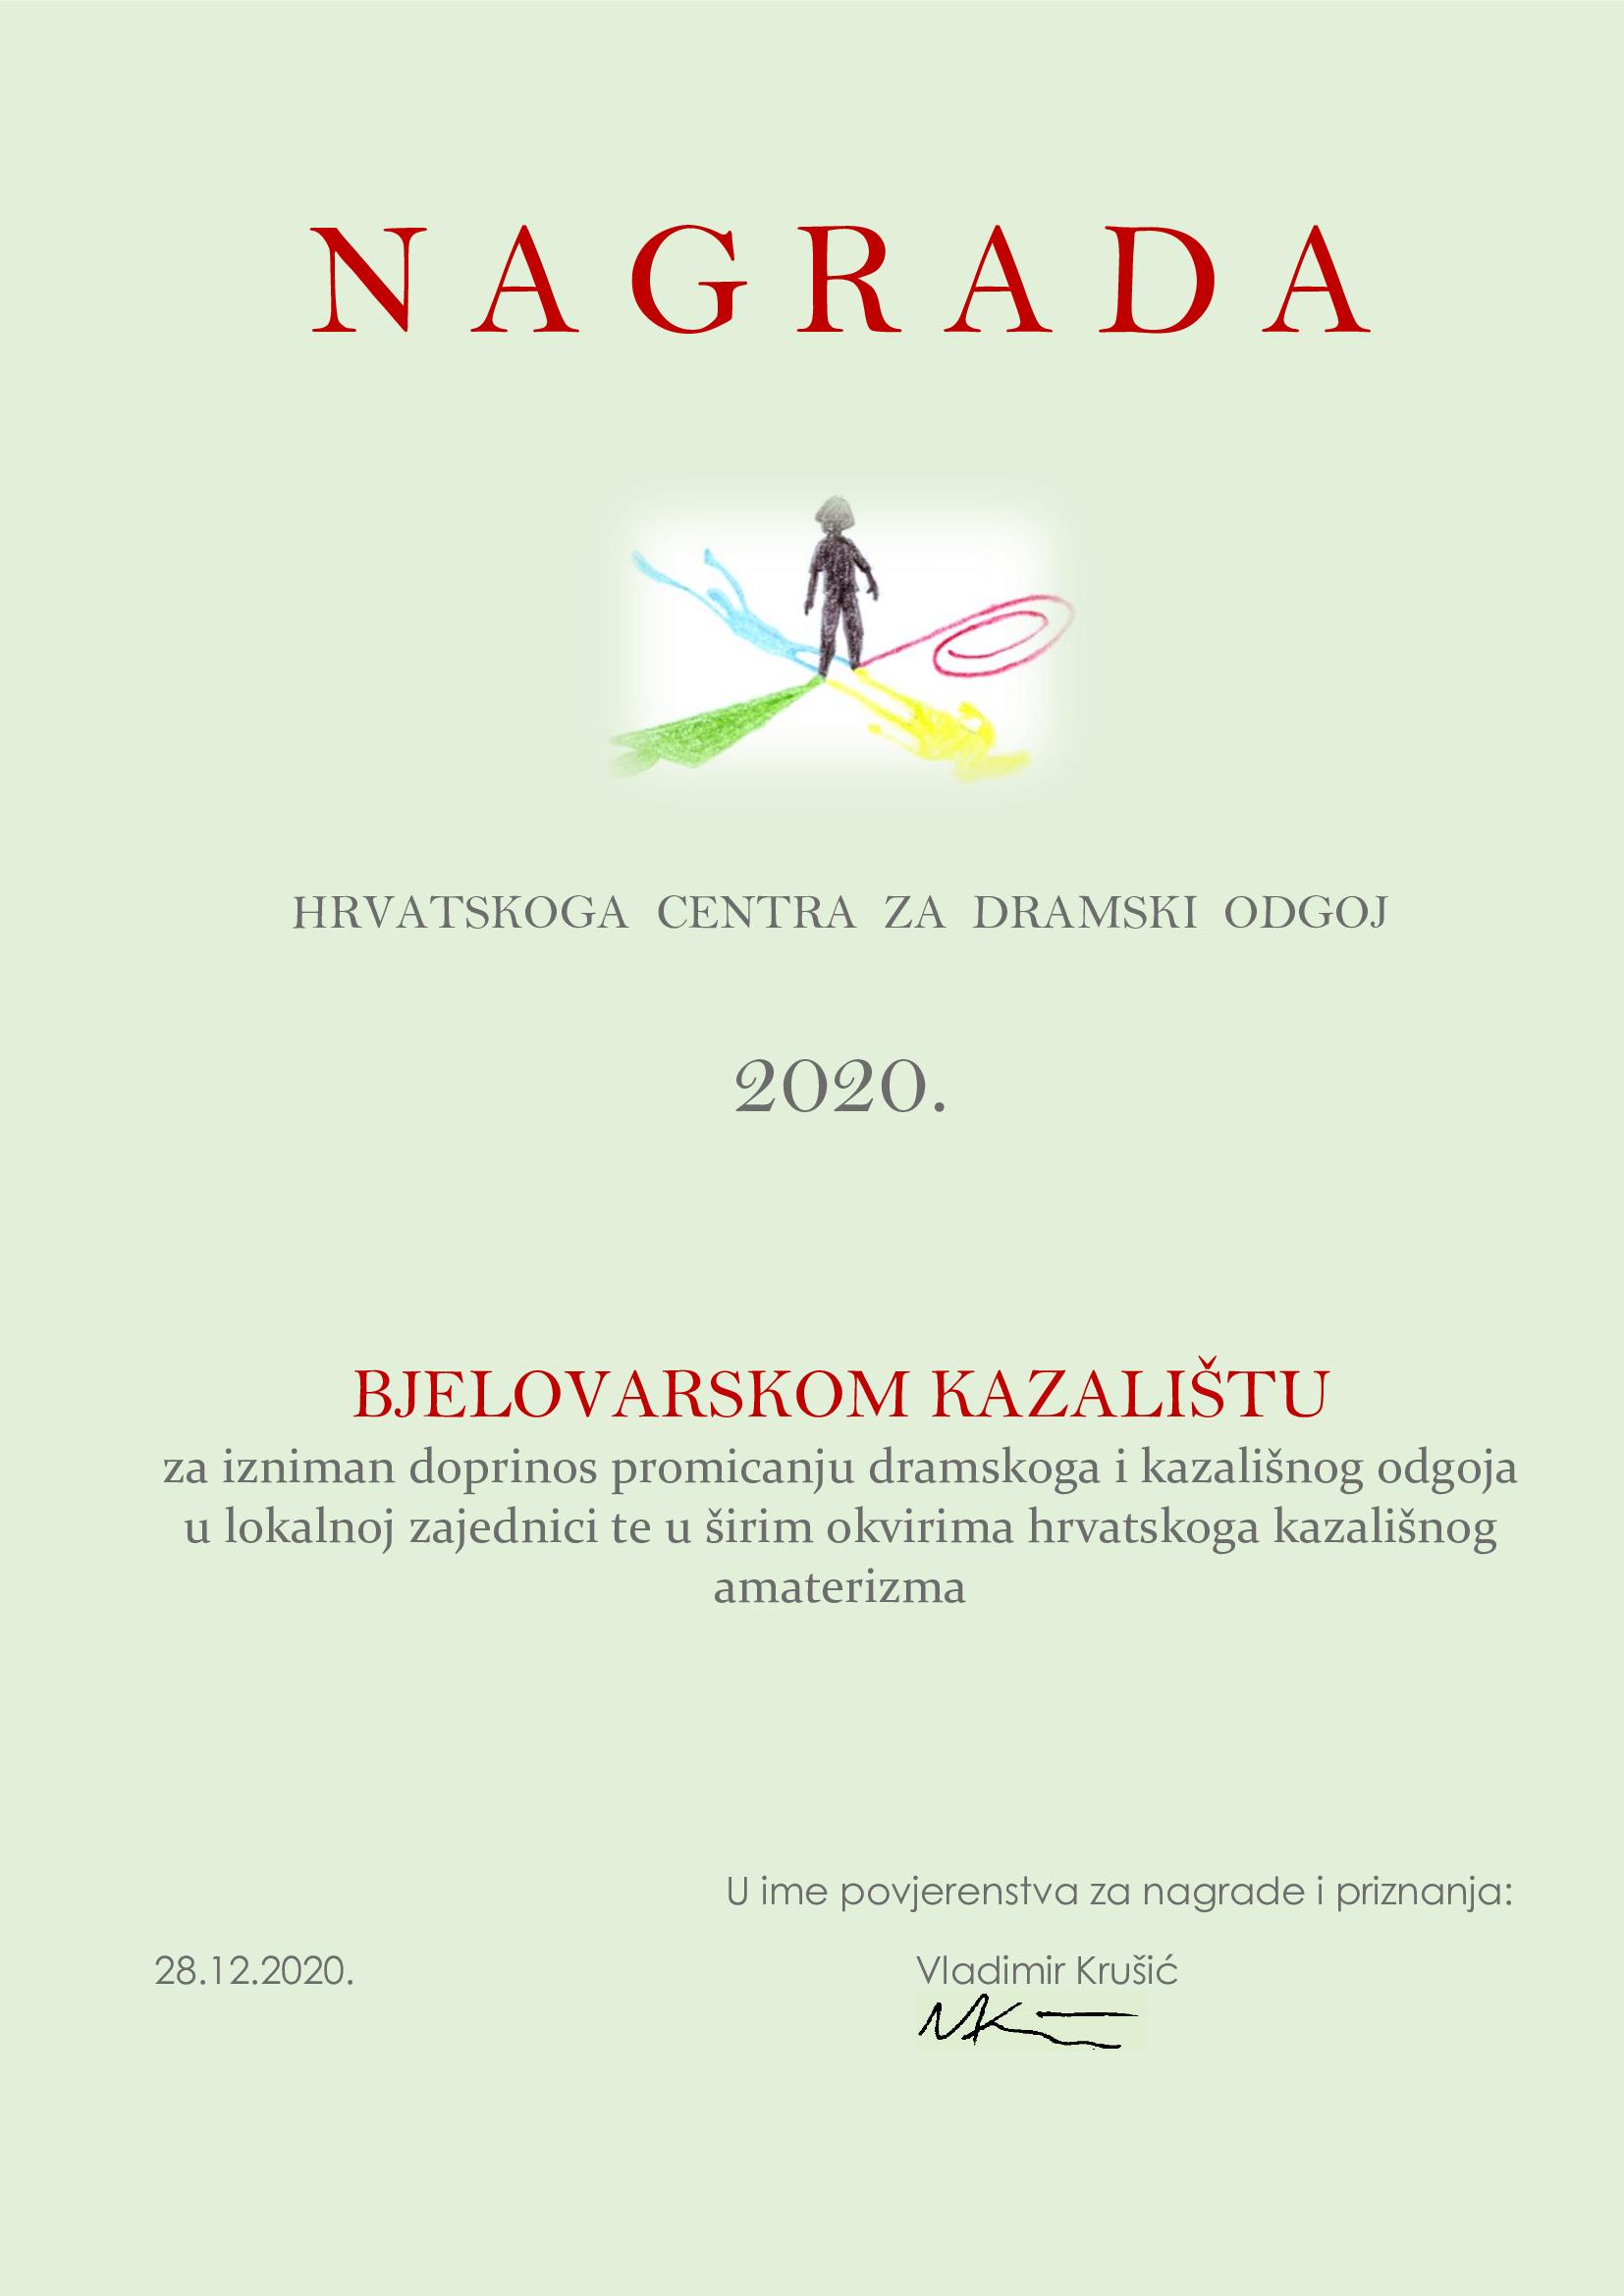 Read more about the article Povjerenstvo za nagrade i priznanja HCDO-a dodjeljuje Bjelovarskom kazalištu Nagradu za izniman doprinos promicanju dramskoga i kazališnog odgoja u lokalnoj zajednici te u širim okvirima hrvatskoga kazališnog amaterizma